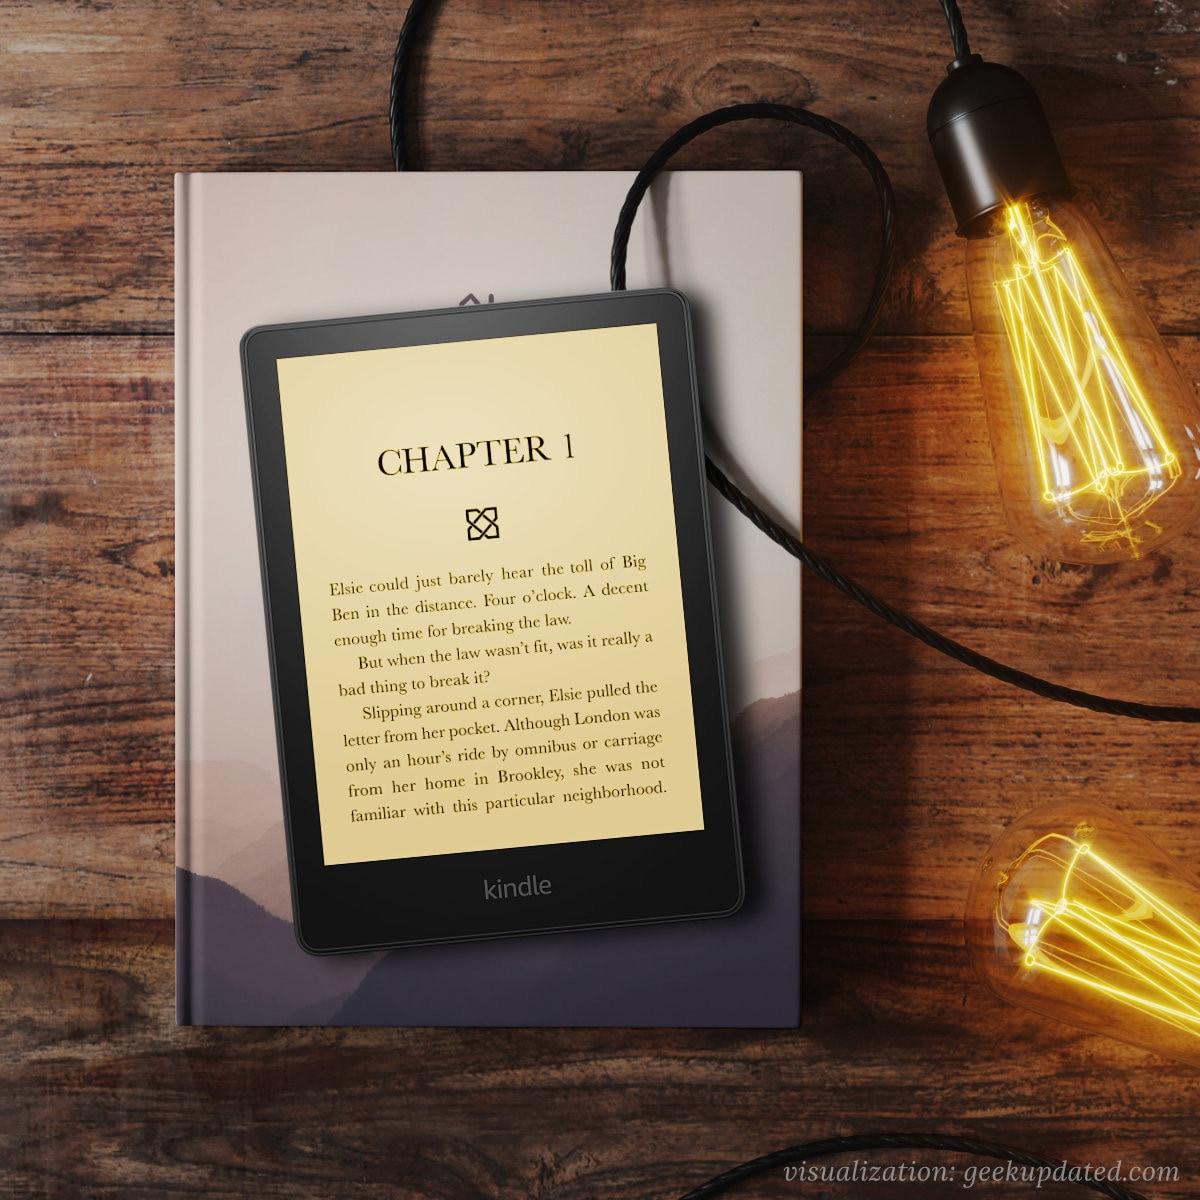 Amazon Kindle Paperwhite 5 2021 analysis